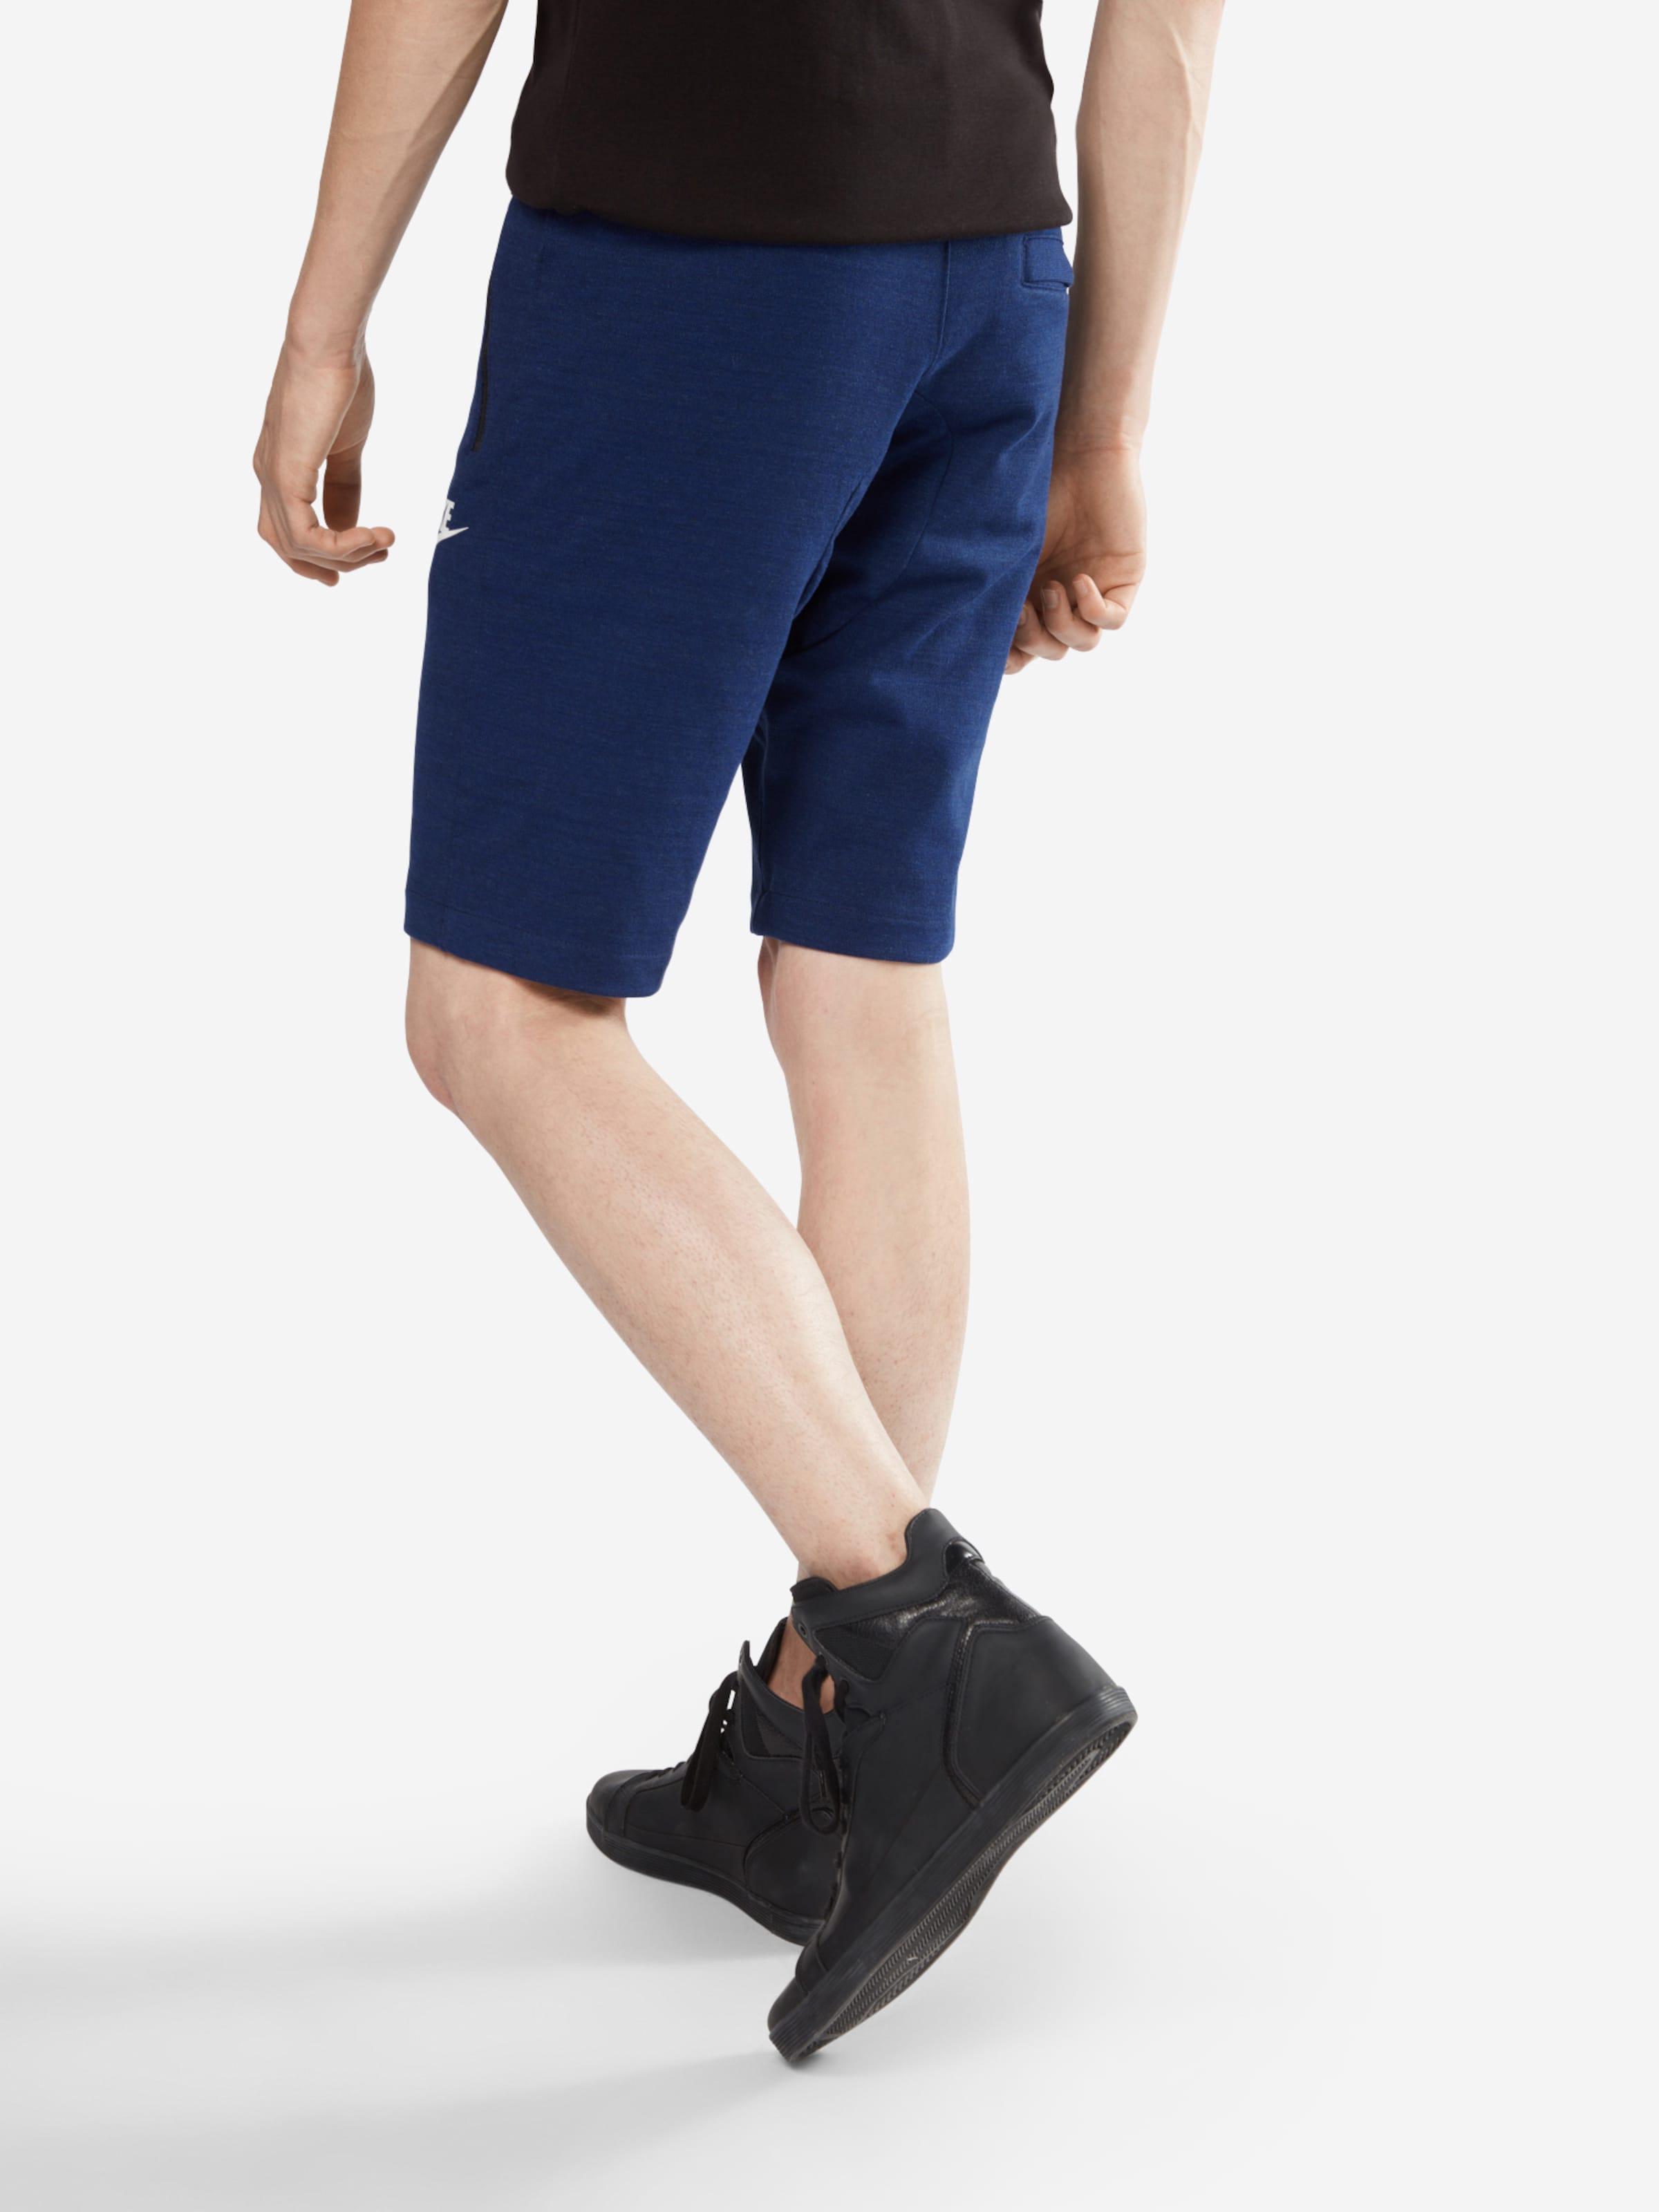 Top-Qualität Günstiger Preis Nike Sportswear Hose 'M NSWAV15 SHORT KNIT' Offizielle Online Auslass Amazon Günstig Kaufen Neueste OsBIJ2dvM